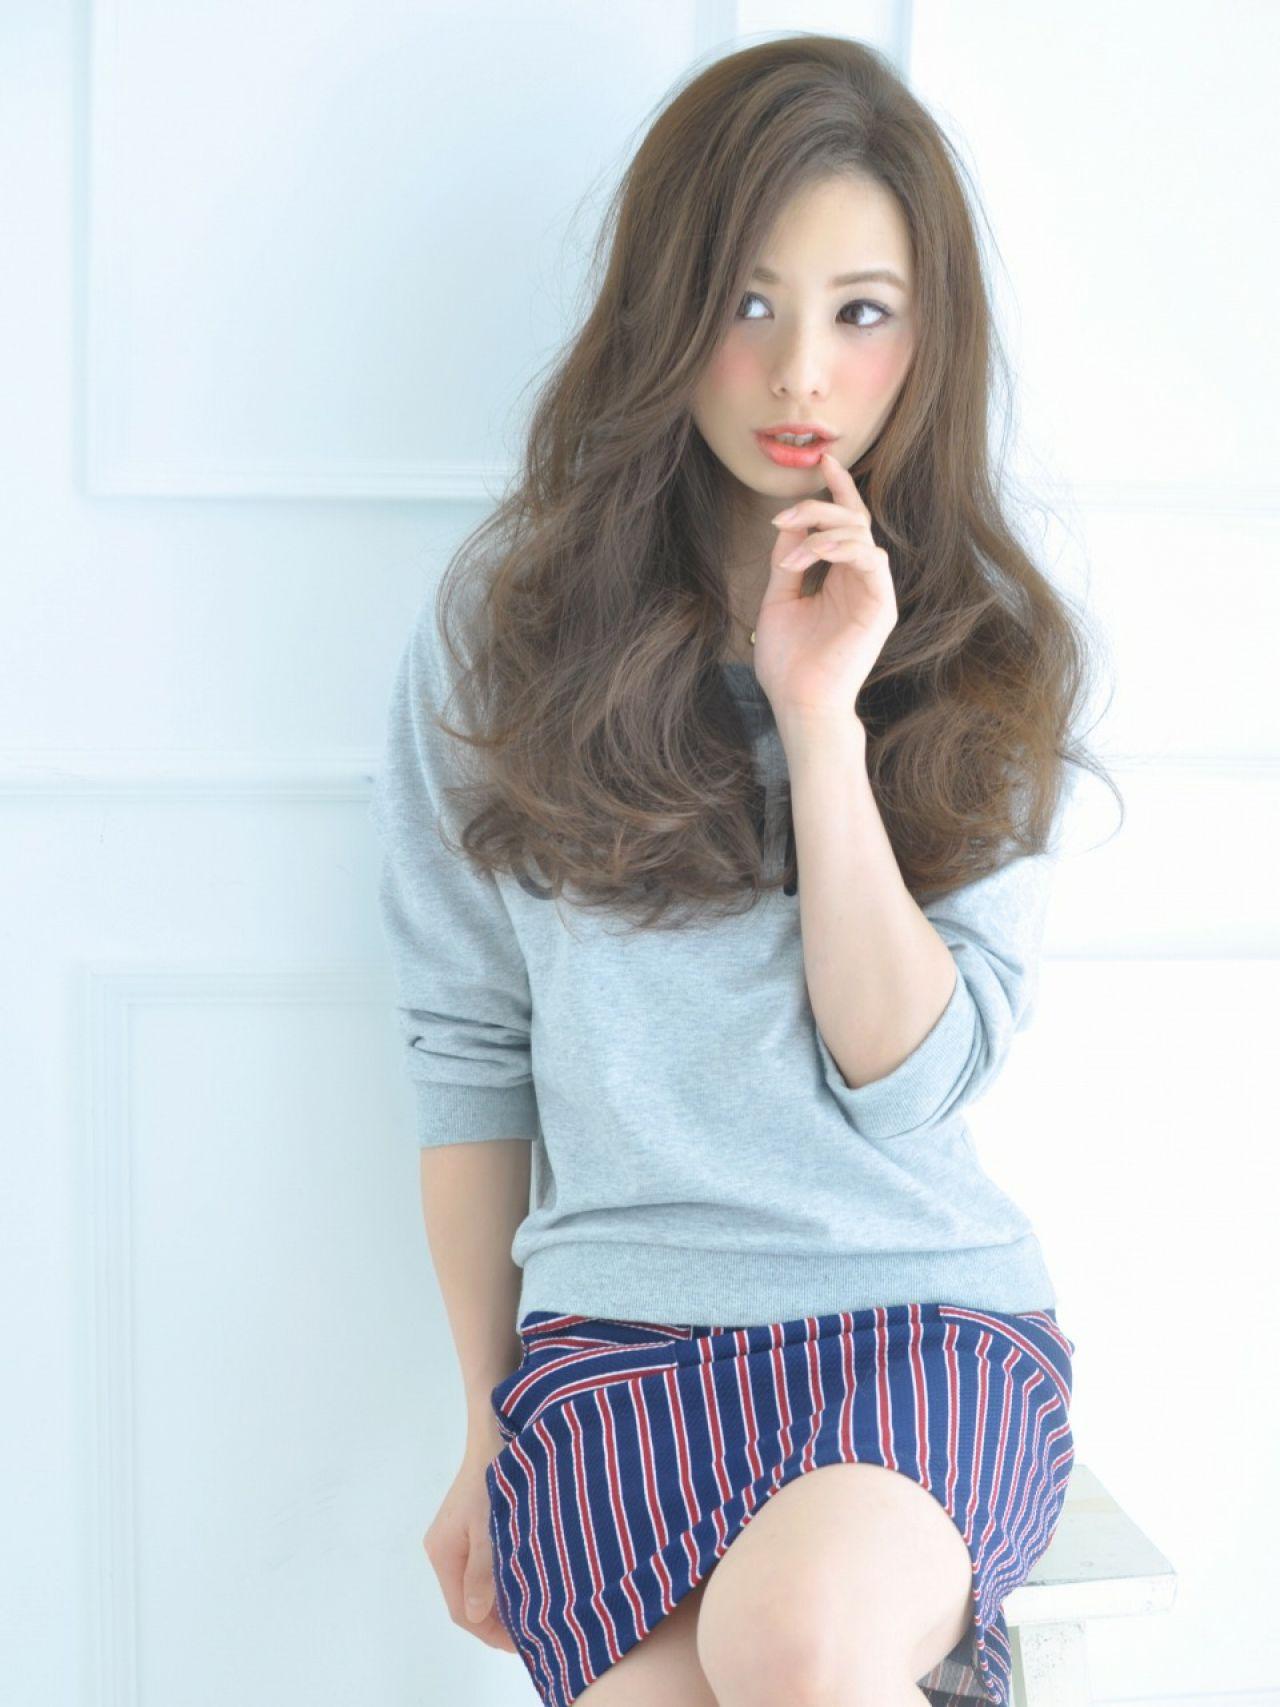 ウェーブ ナチュラル モード 秋 ヘアスタイルや髪型の写真・画像 | 清井 慎二 / DISHEL ディシェル